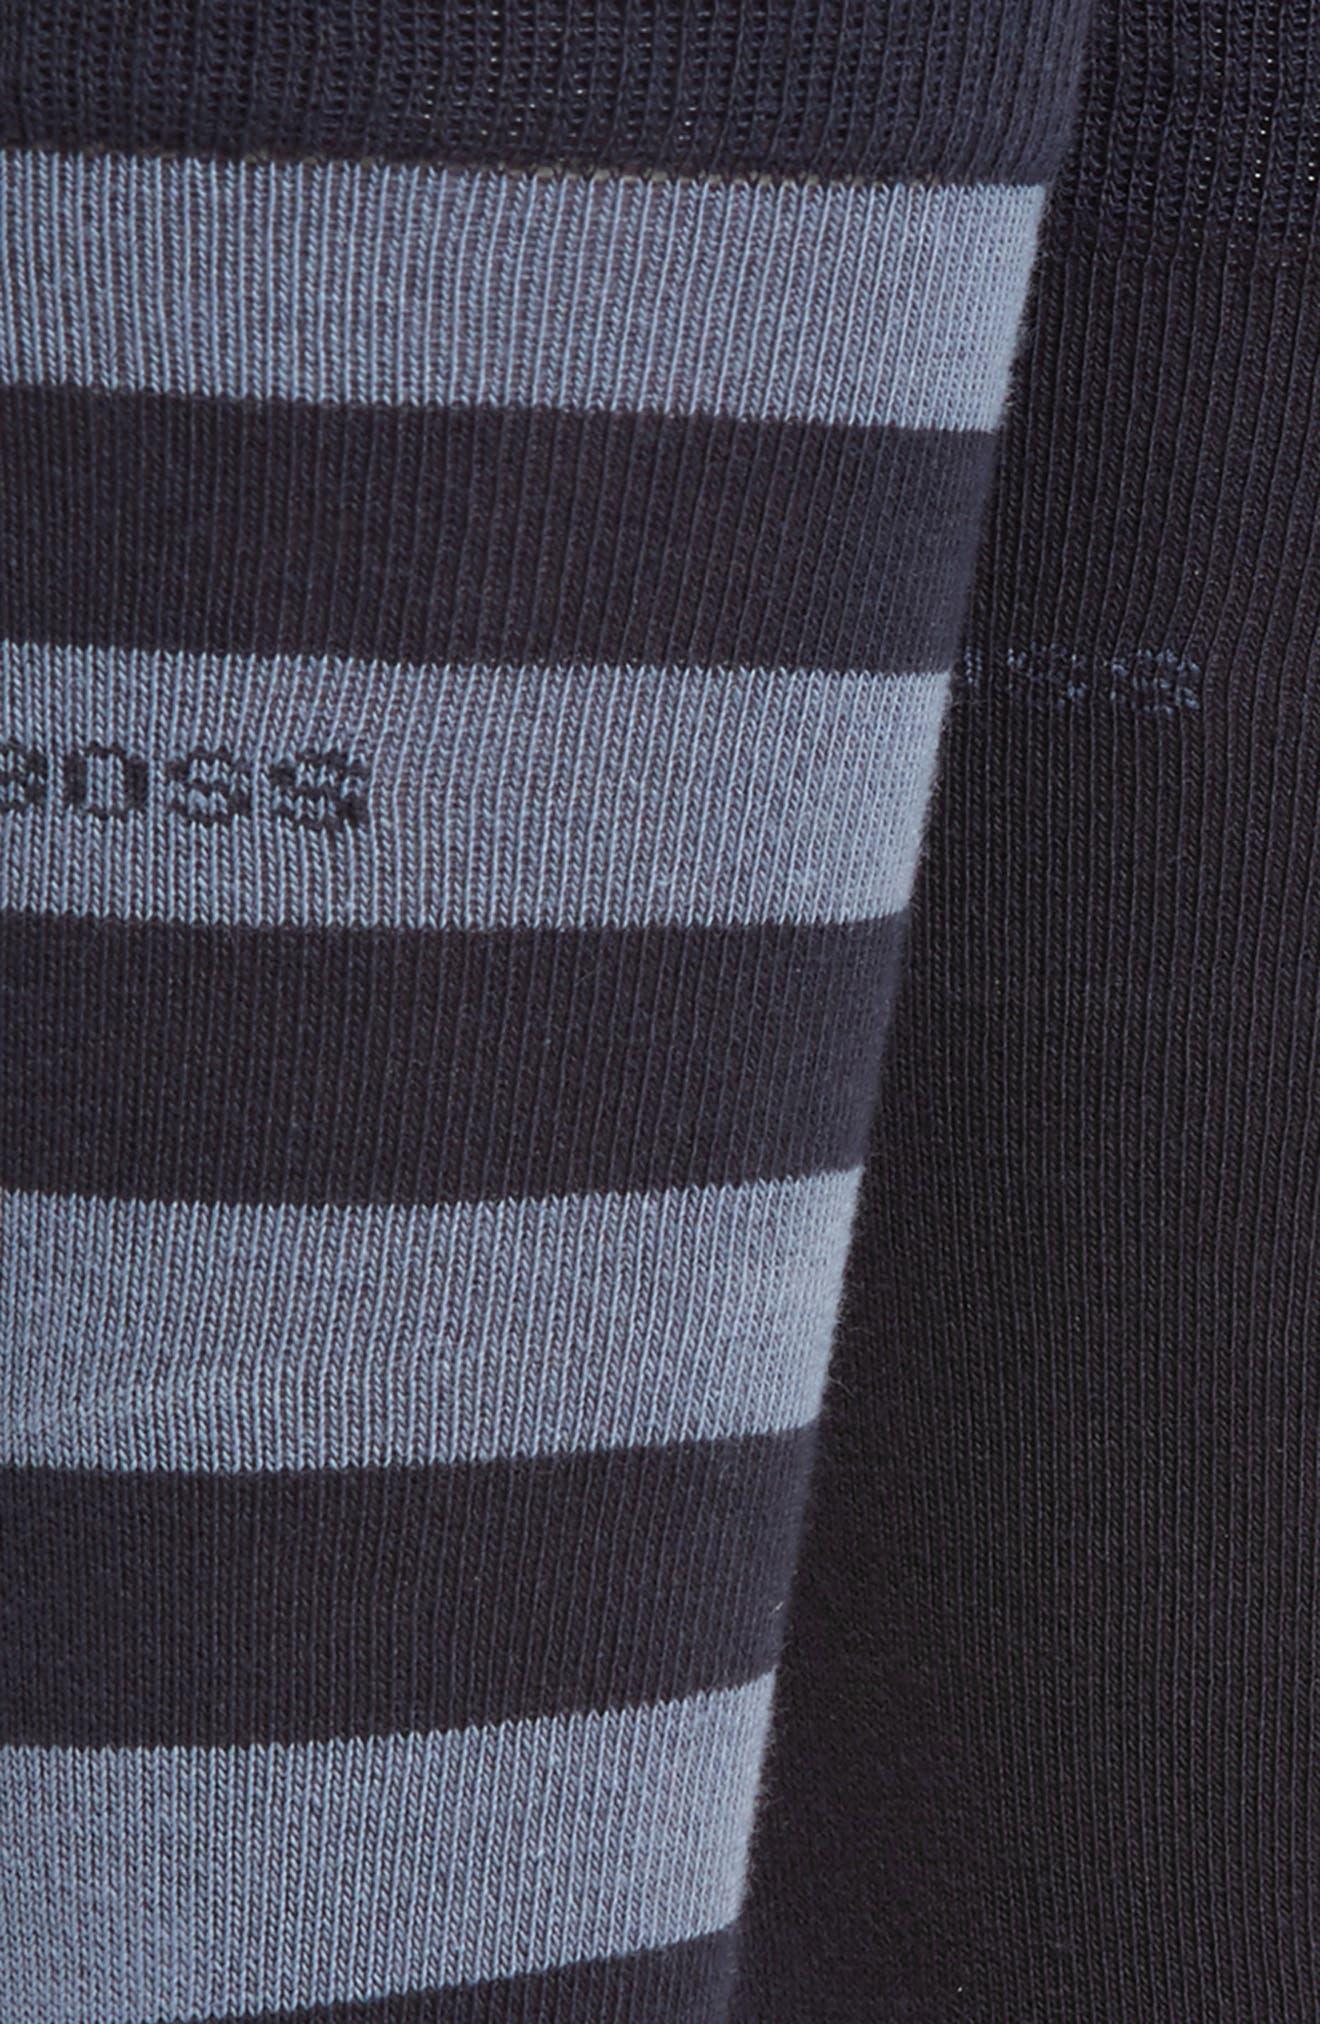 Assorted 2-Pack Socks,                             Alternate thumbnail 8, color,